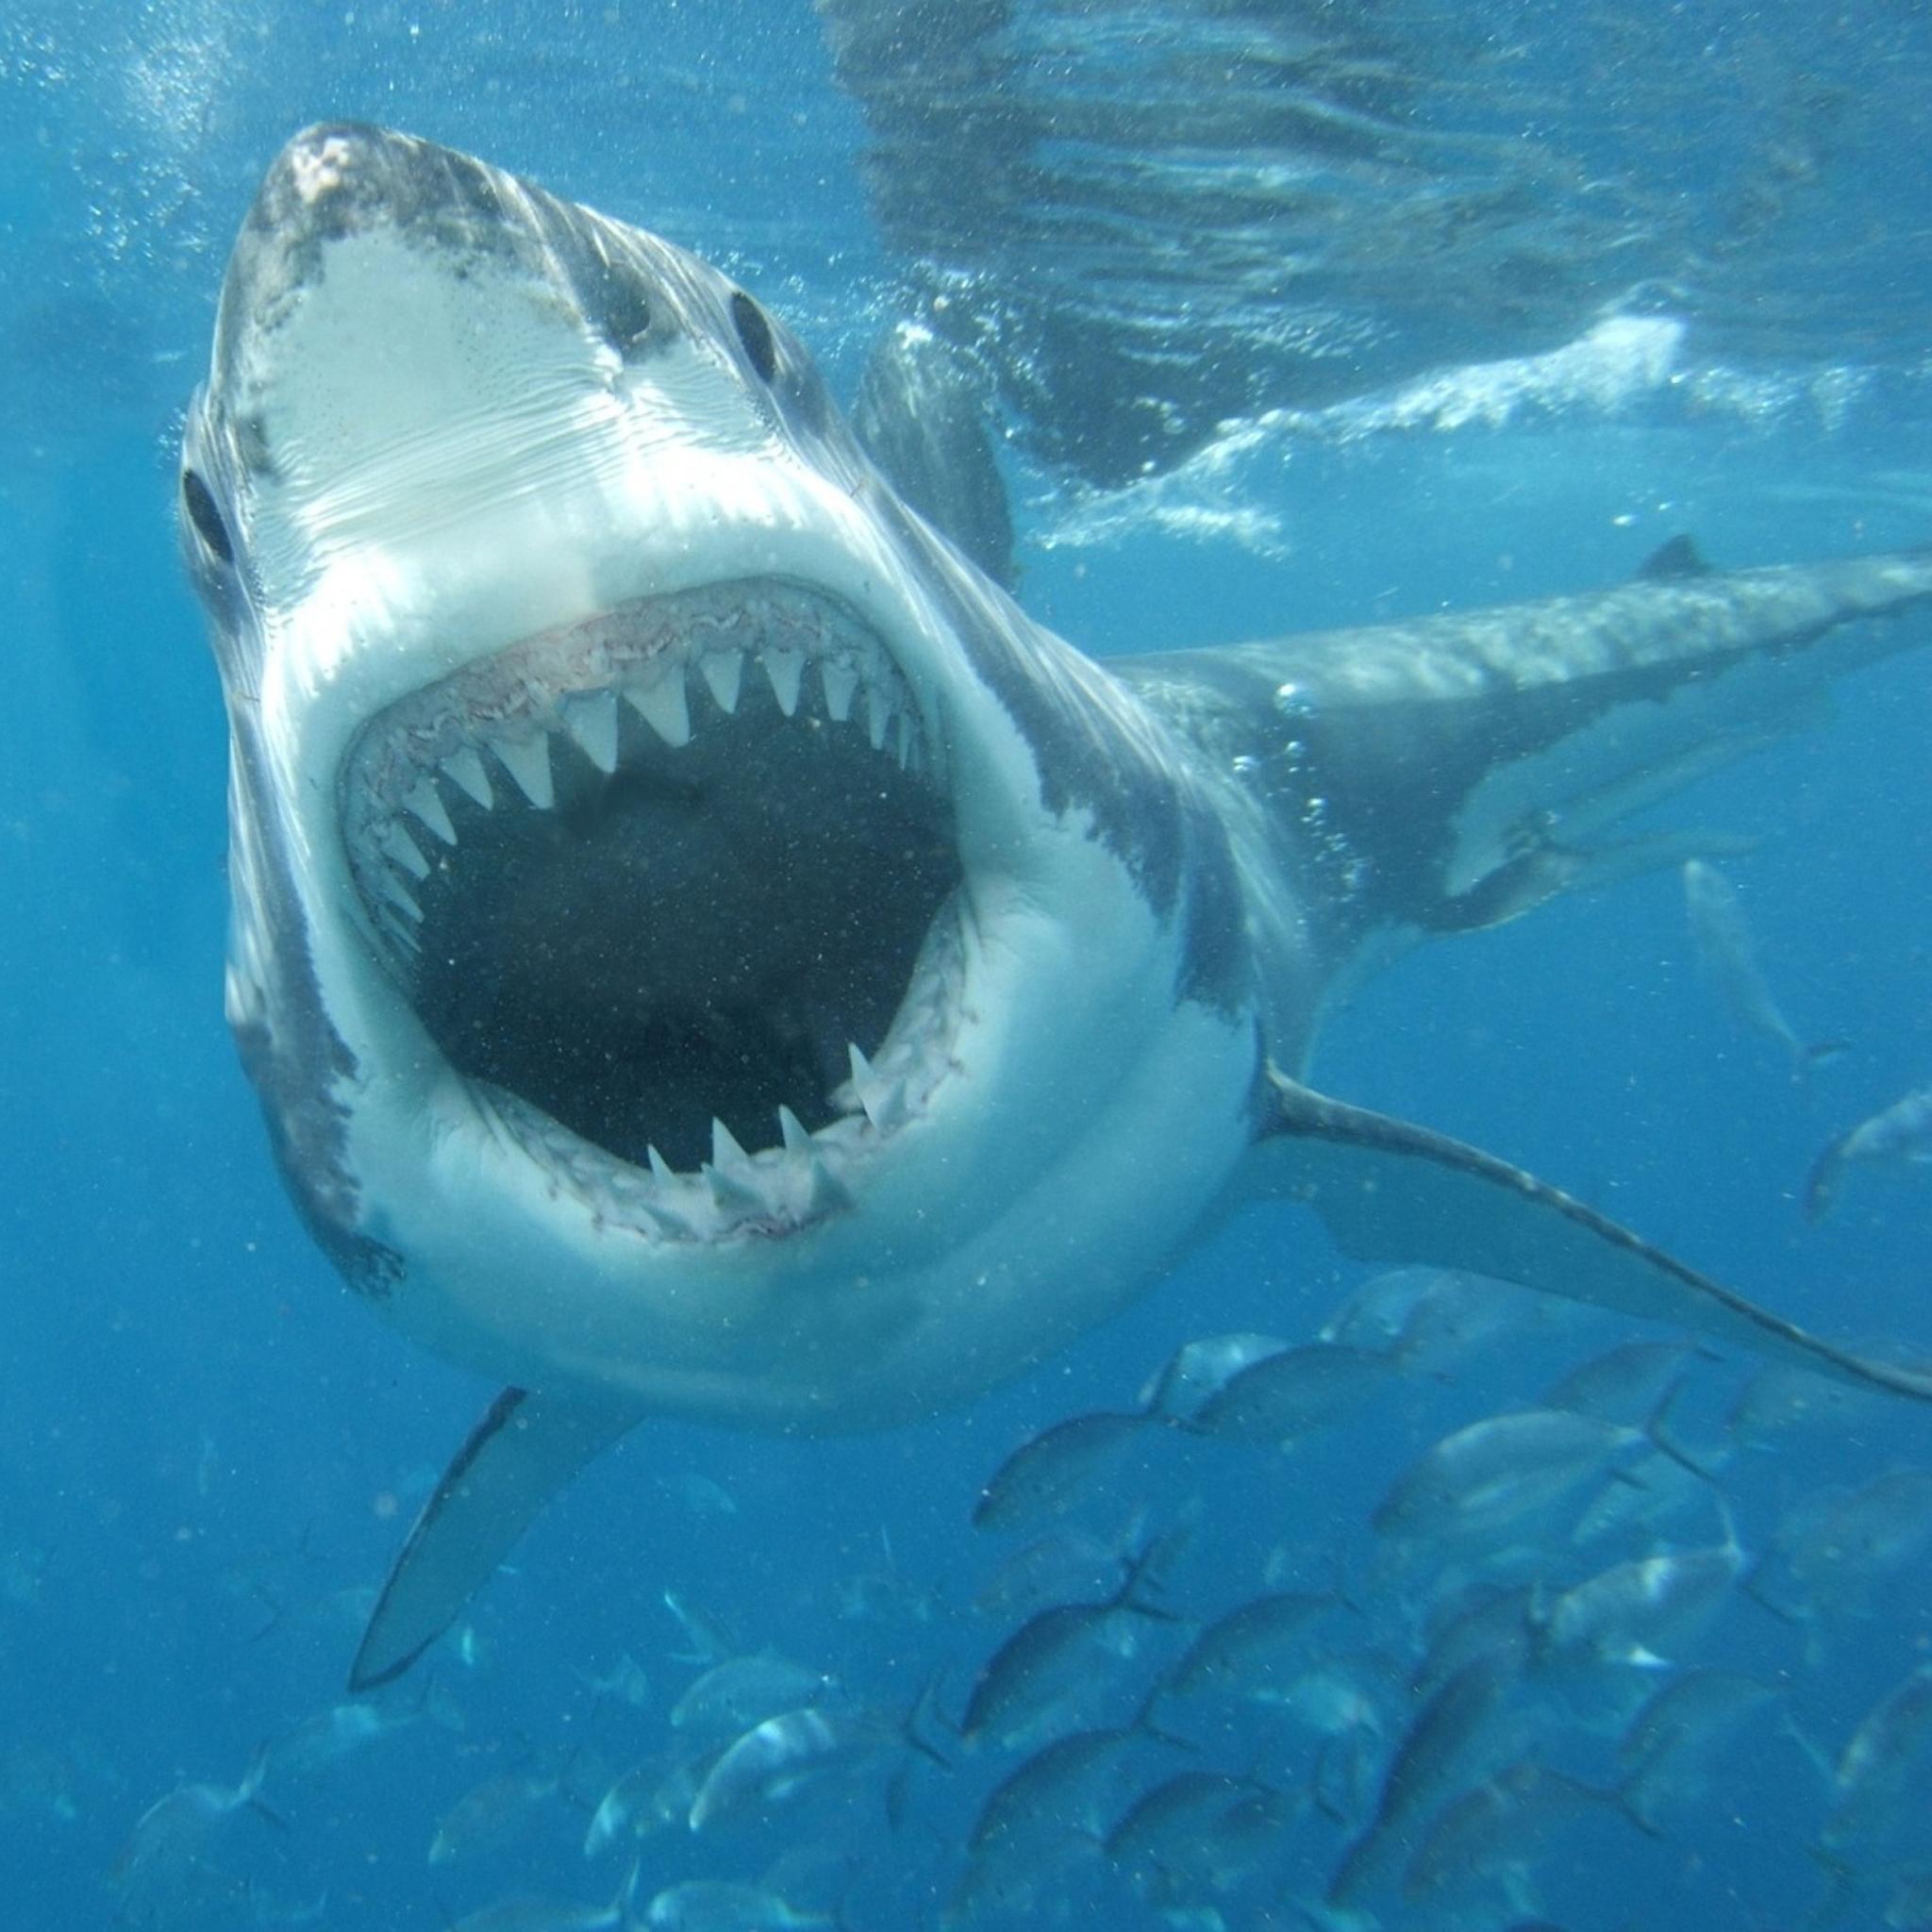 акулья пасть картинки церемонии сама рудковская